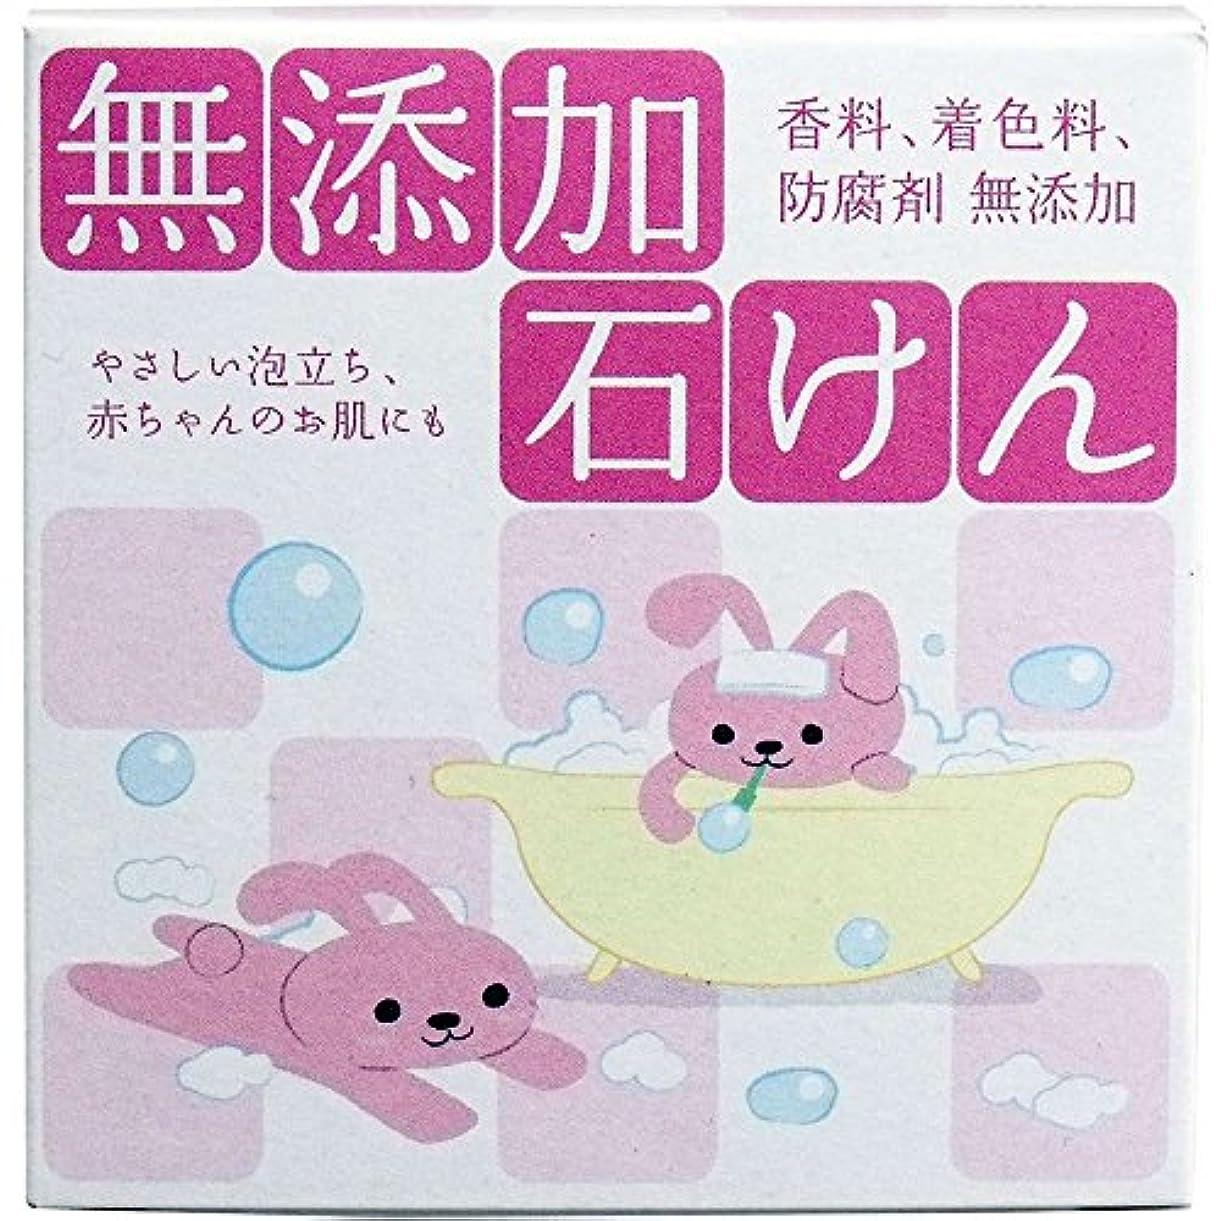 不振エネルギー掃除【クロバーコーポレーション】無添加石鹸 80g